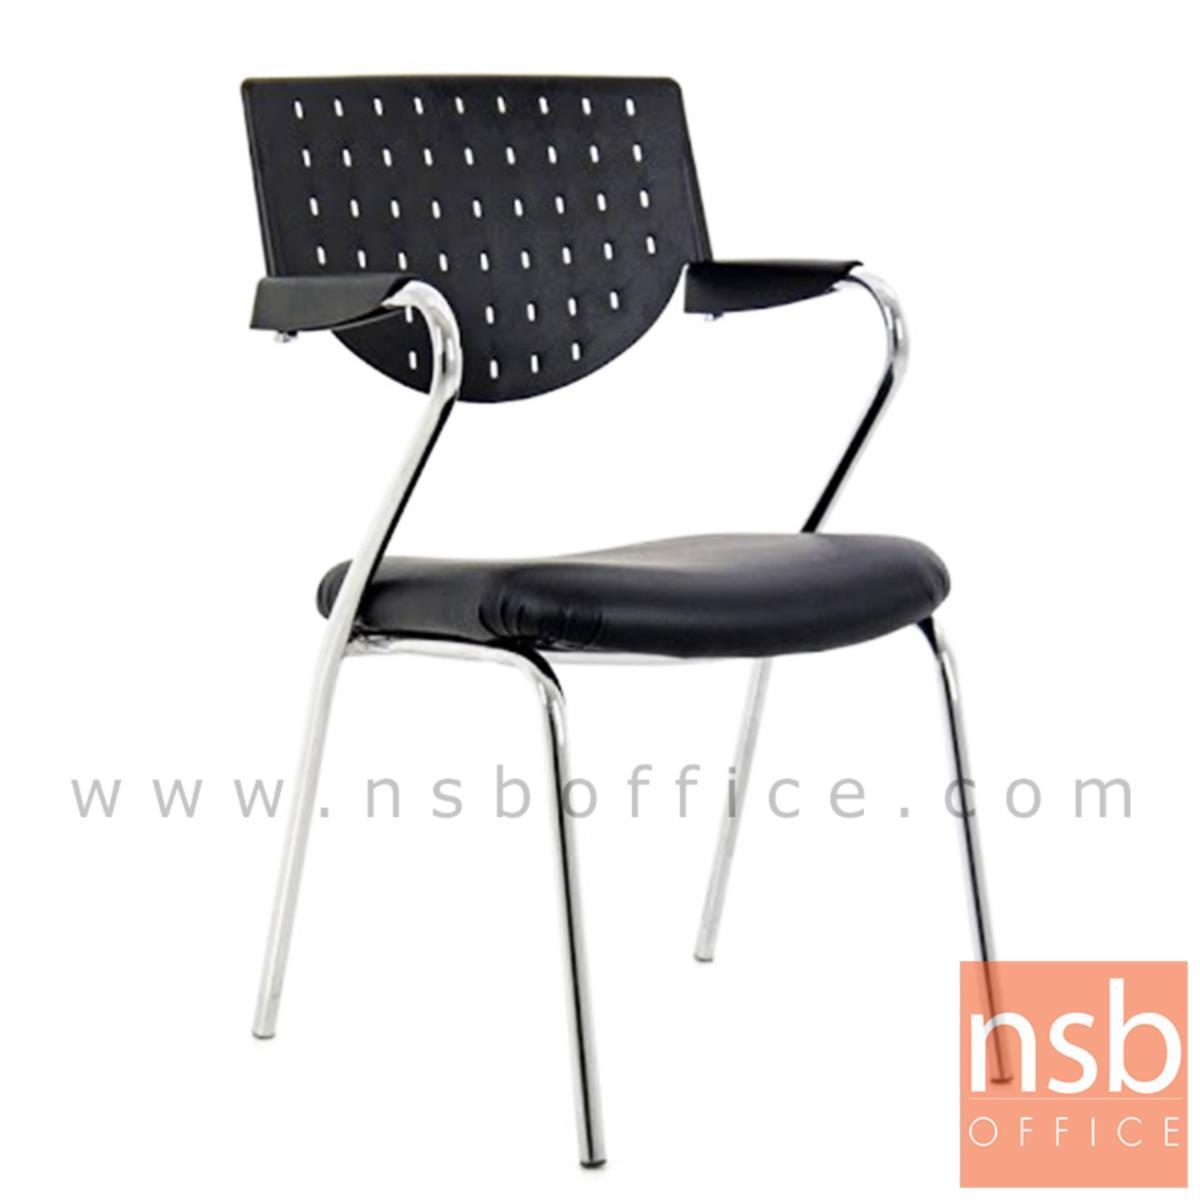 B04A032:เก้าอี้รับแขก รุ่น Josephine (โจเซฟิน)  ขาเหล็กชุบโครเมี่ยม